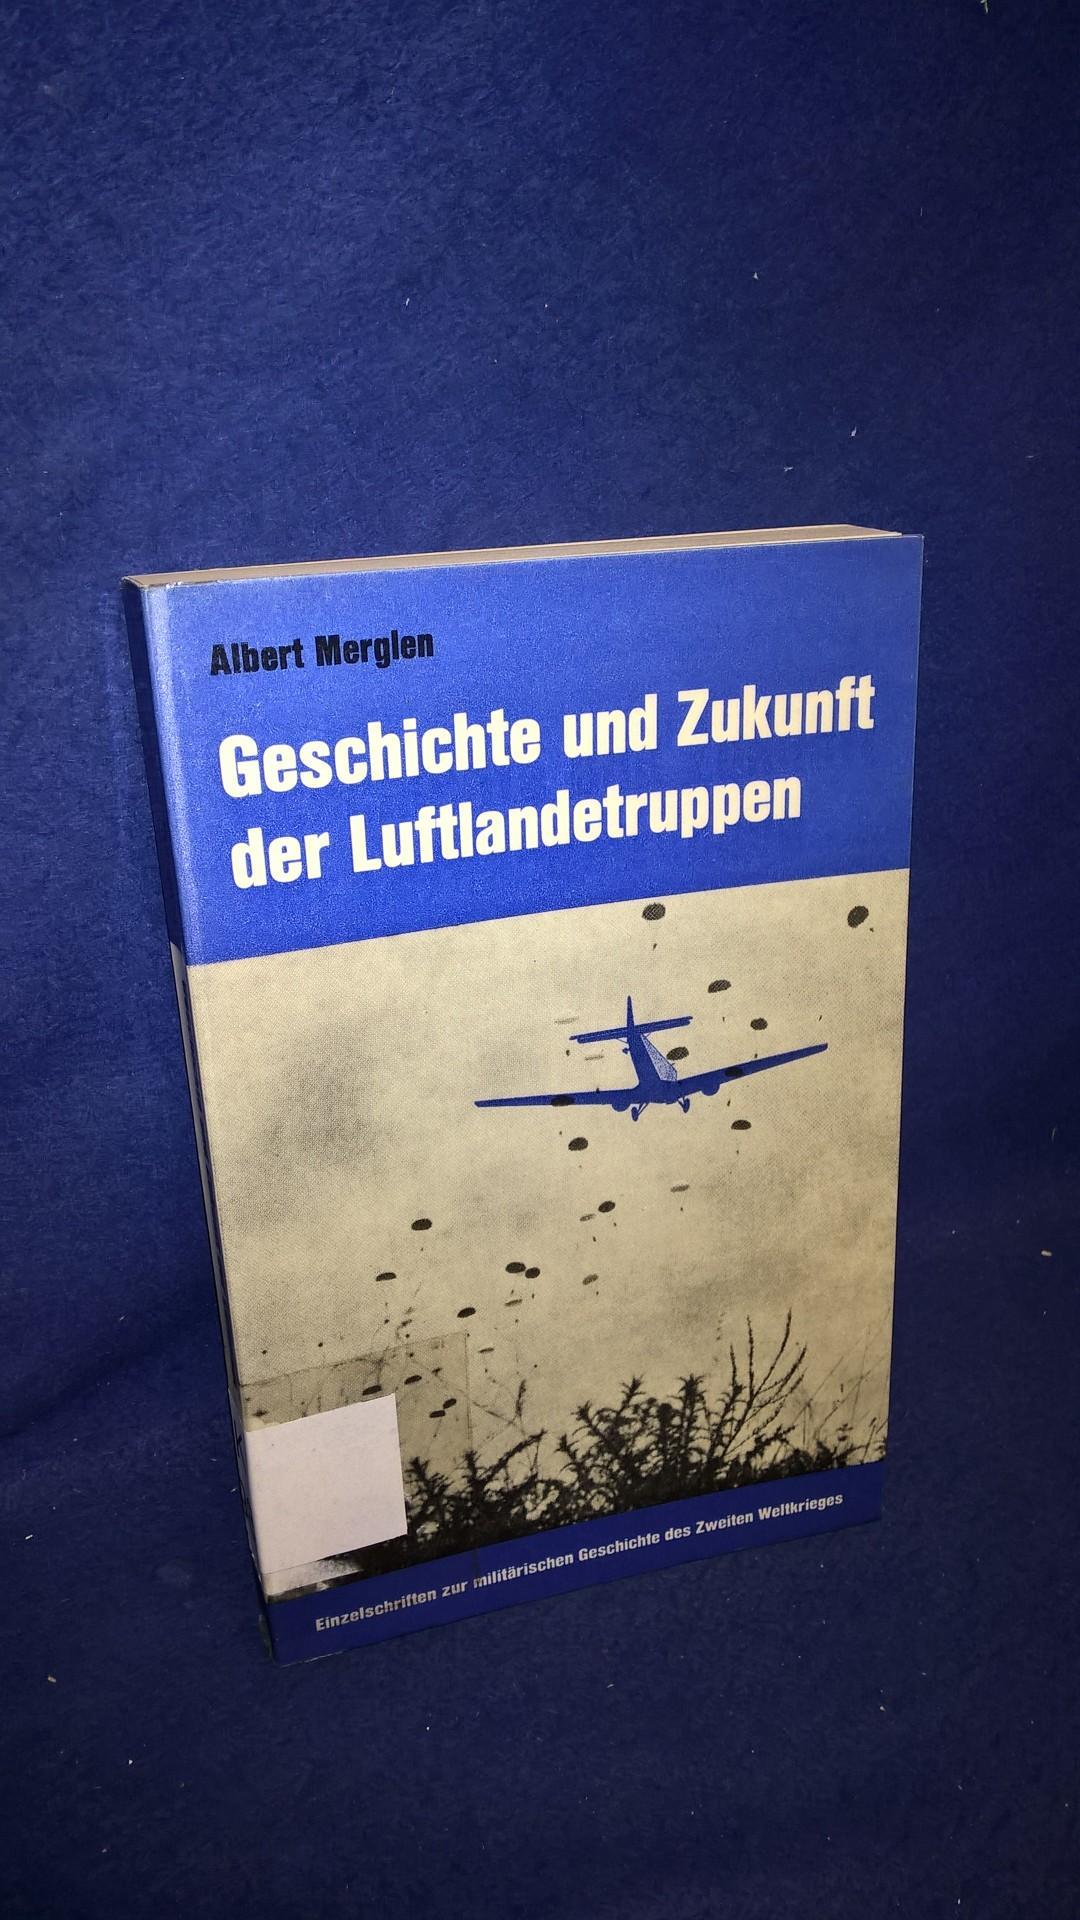 Geschichte und Zukunft der Luftlandetruppen. Aus der Reihe: Einzelschrichften zur militärischen Geschichte des 2.Weltkrieges.